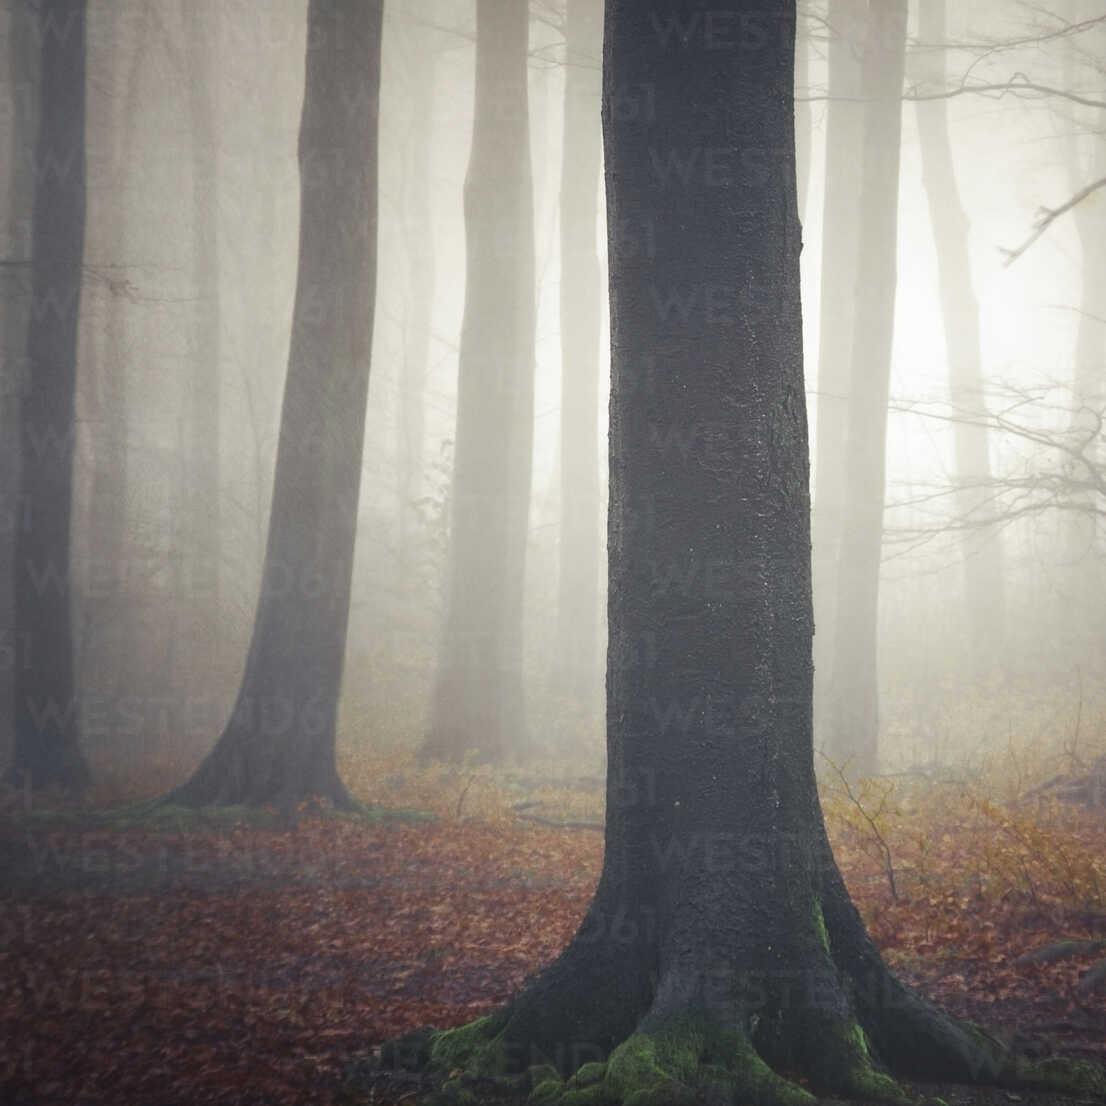 Germany, near Wuppertal, foggy beech forest - DWI000232 - Dirk Wüstenhagen/Westend61